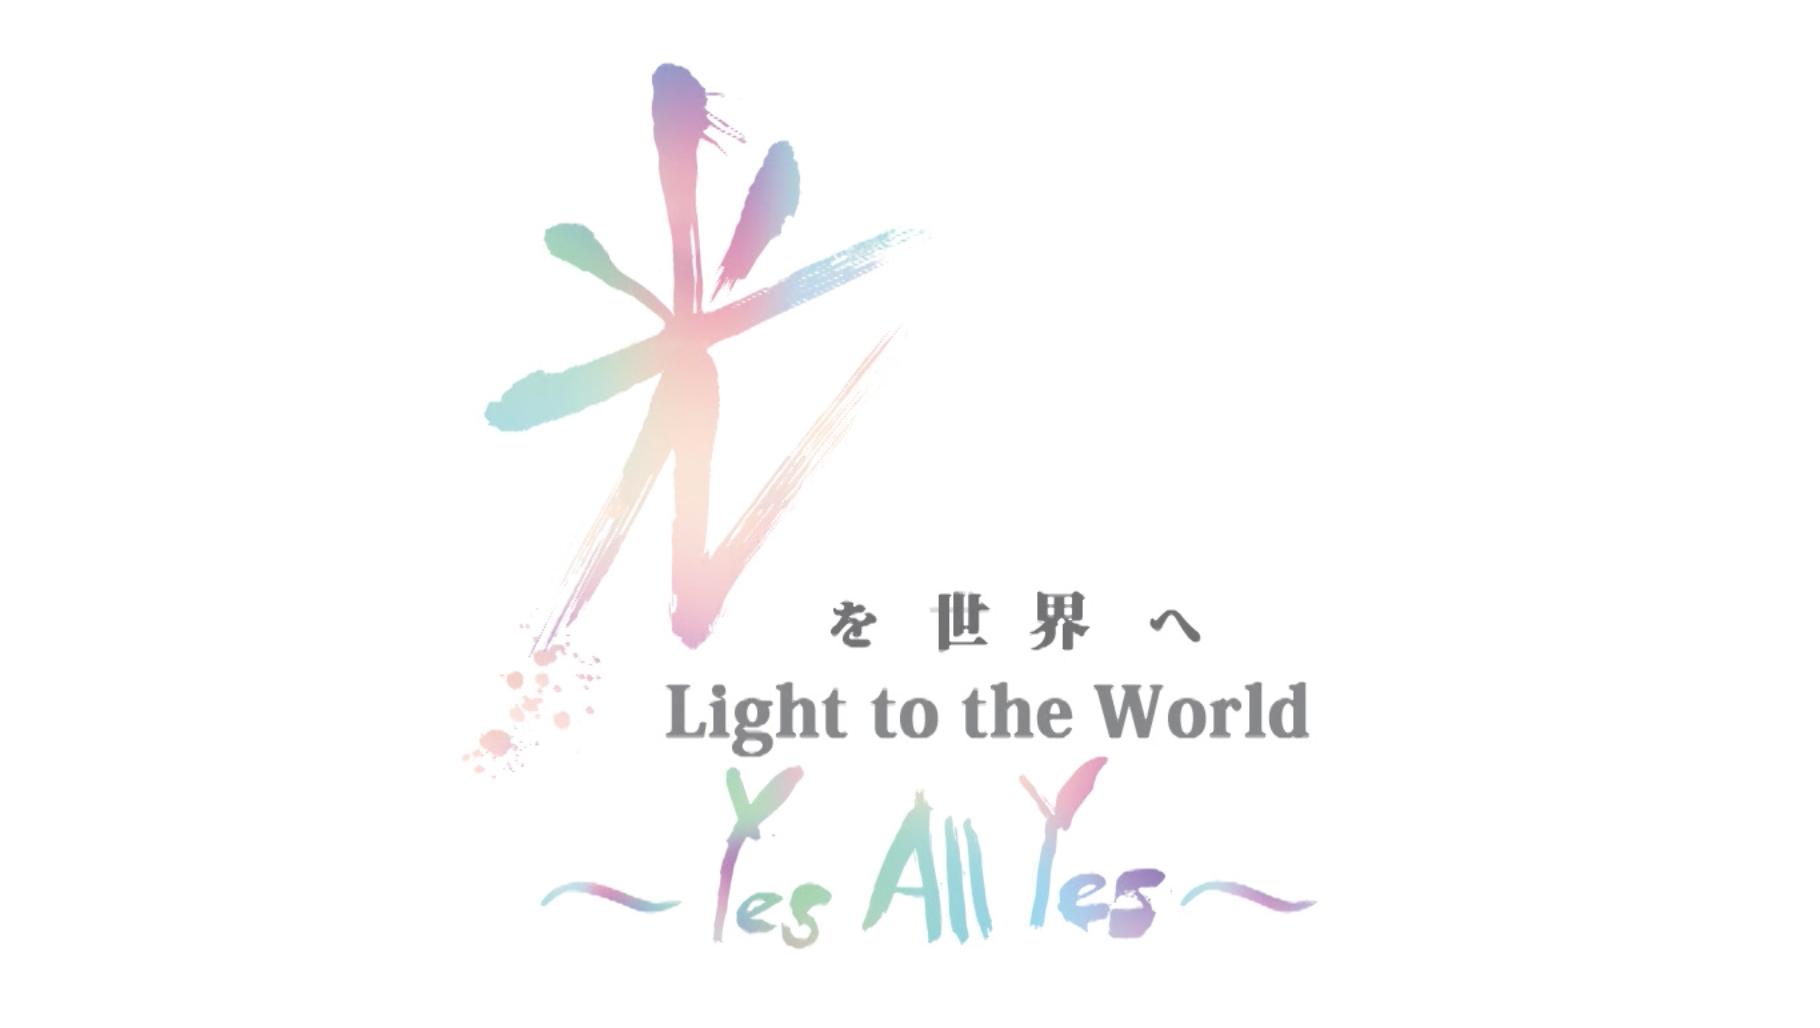 2016年 6月7日 東京・けやきホール「光を世界へ ~Yes All Yes~」【チケットぴあ発売中!】 _f0236202_16491178.png